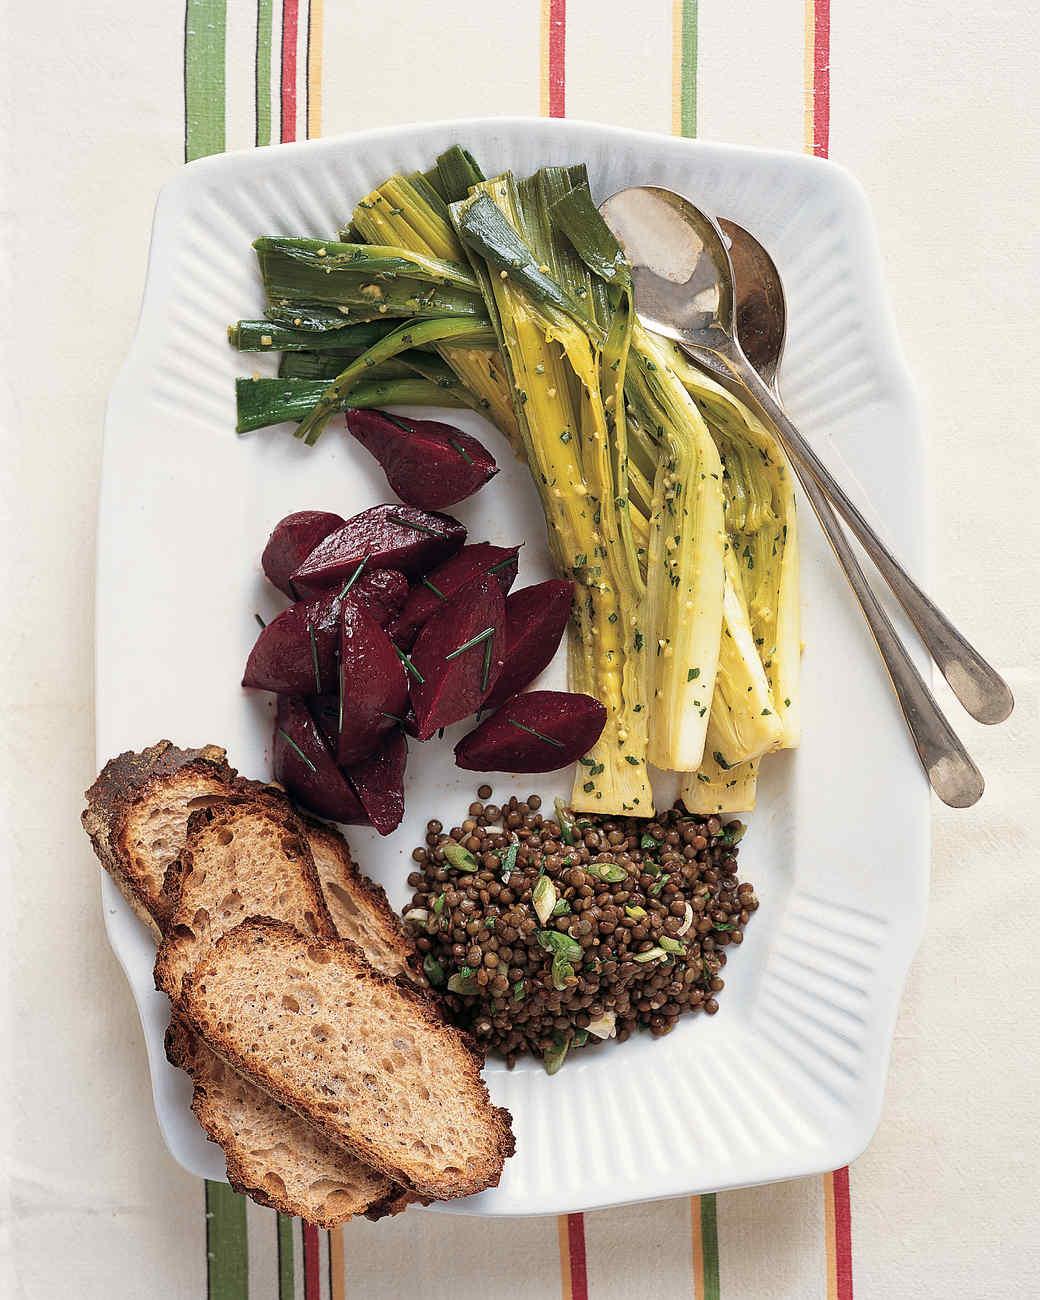 Leeks with Mustard Vinaigrette